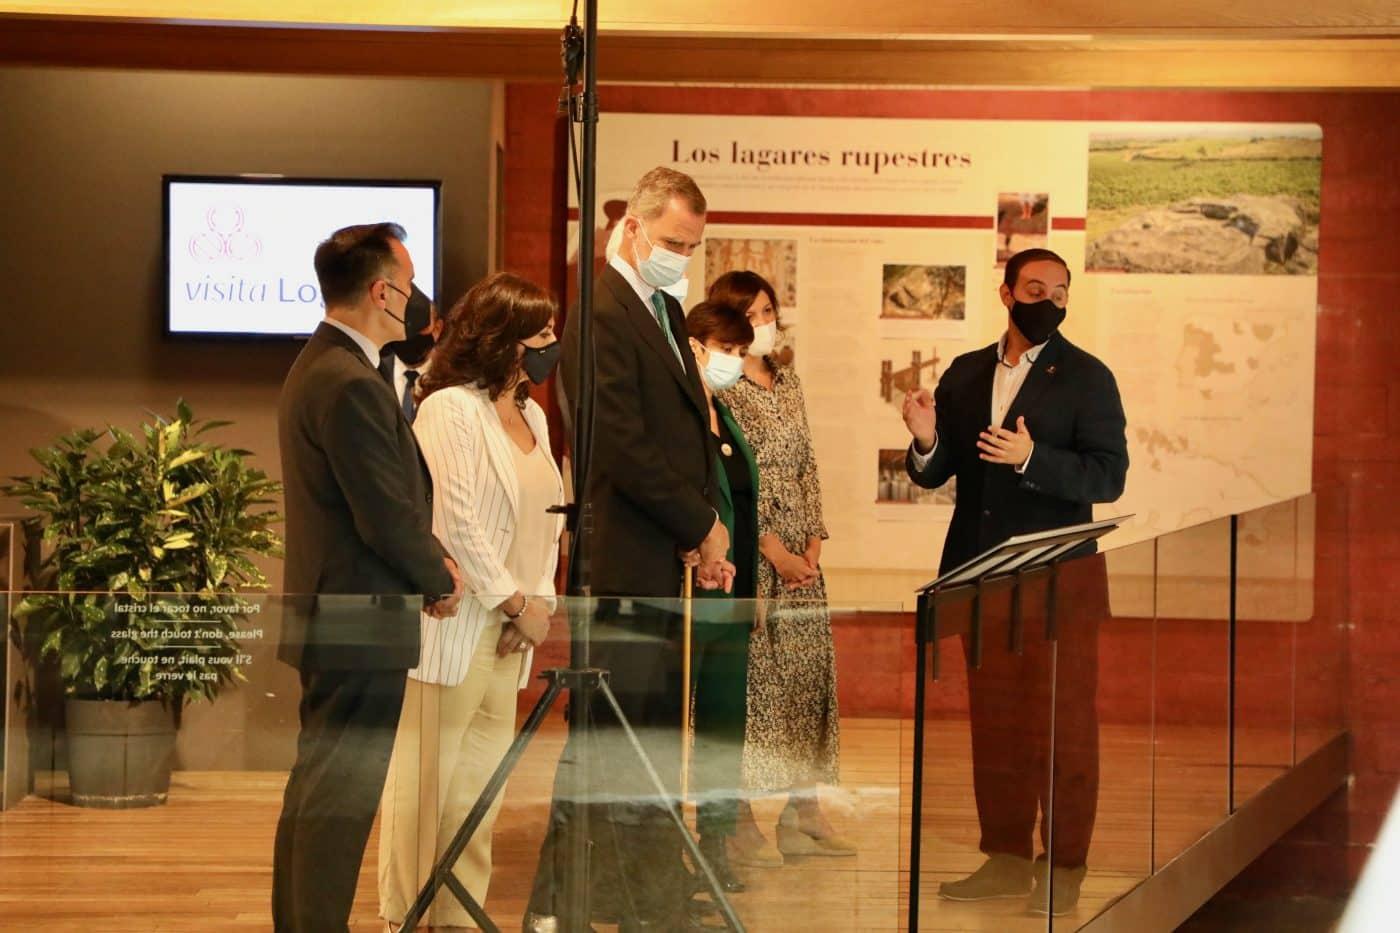 FOTOS: Felipe VI visita Logroño con motivo del V Centenario del Sitio de la Ciudad 3